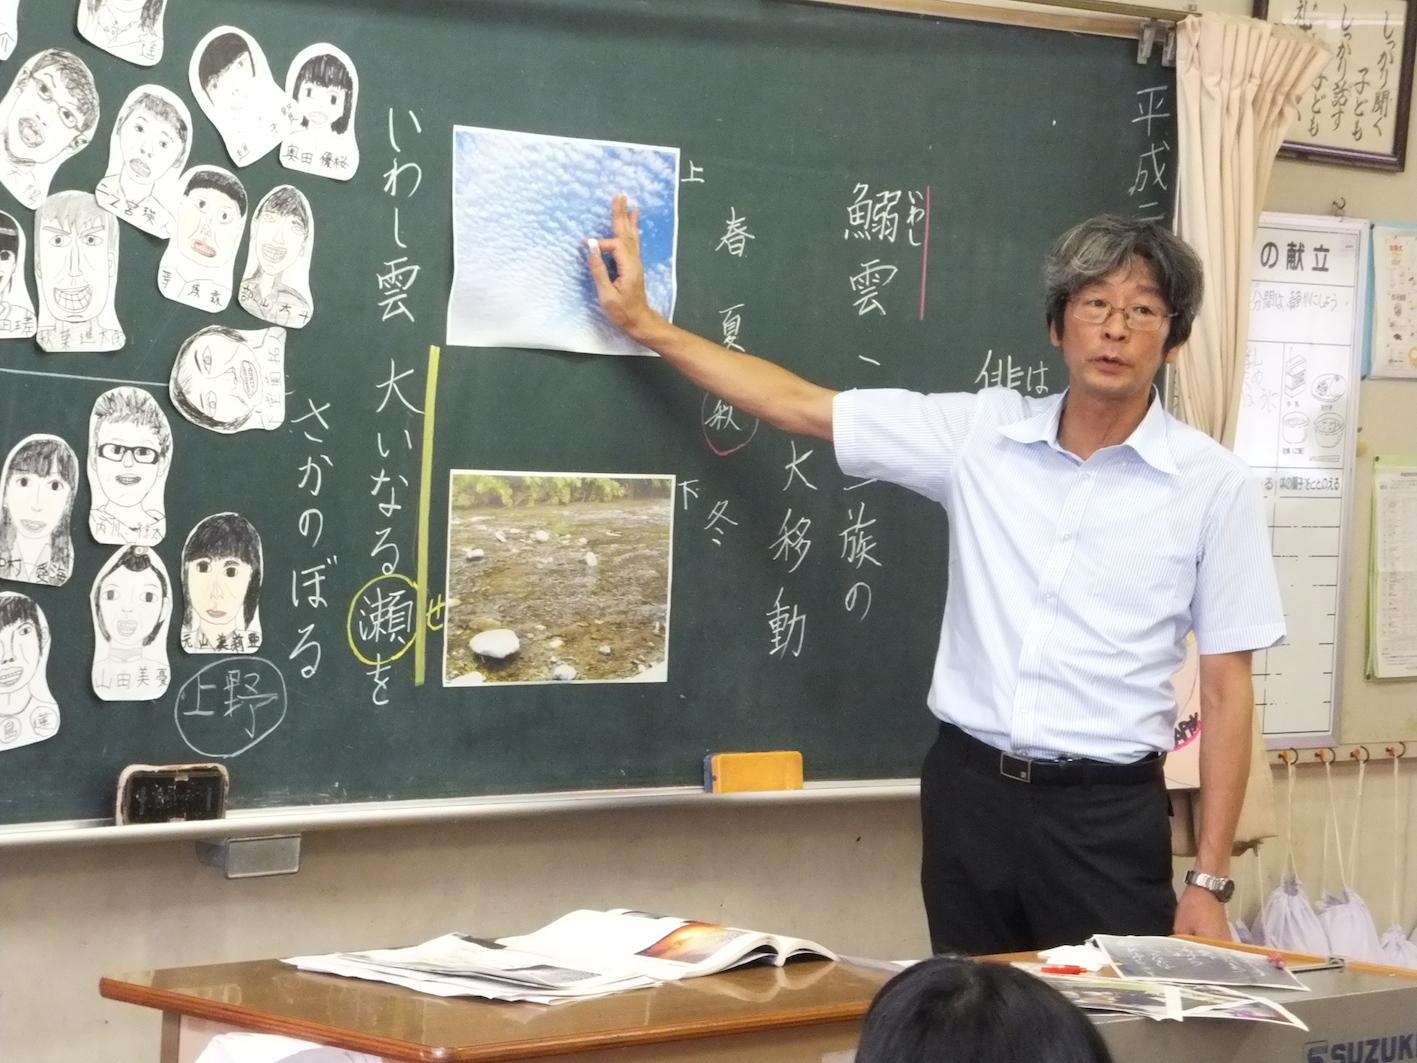 菊池省三の未来を創る学級